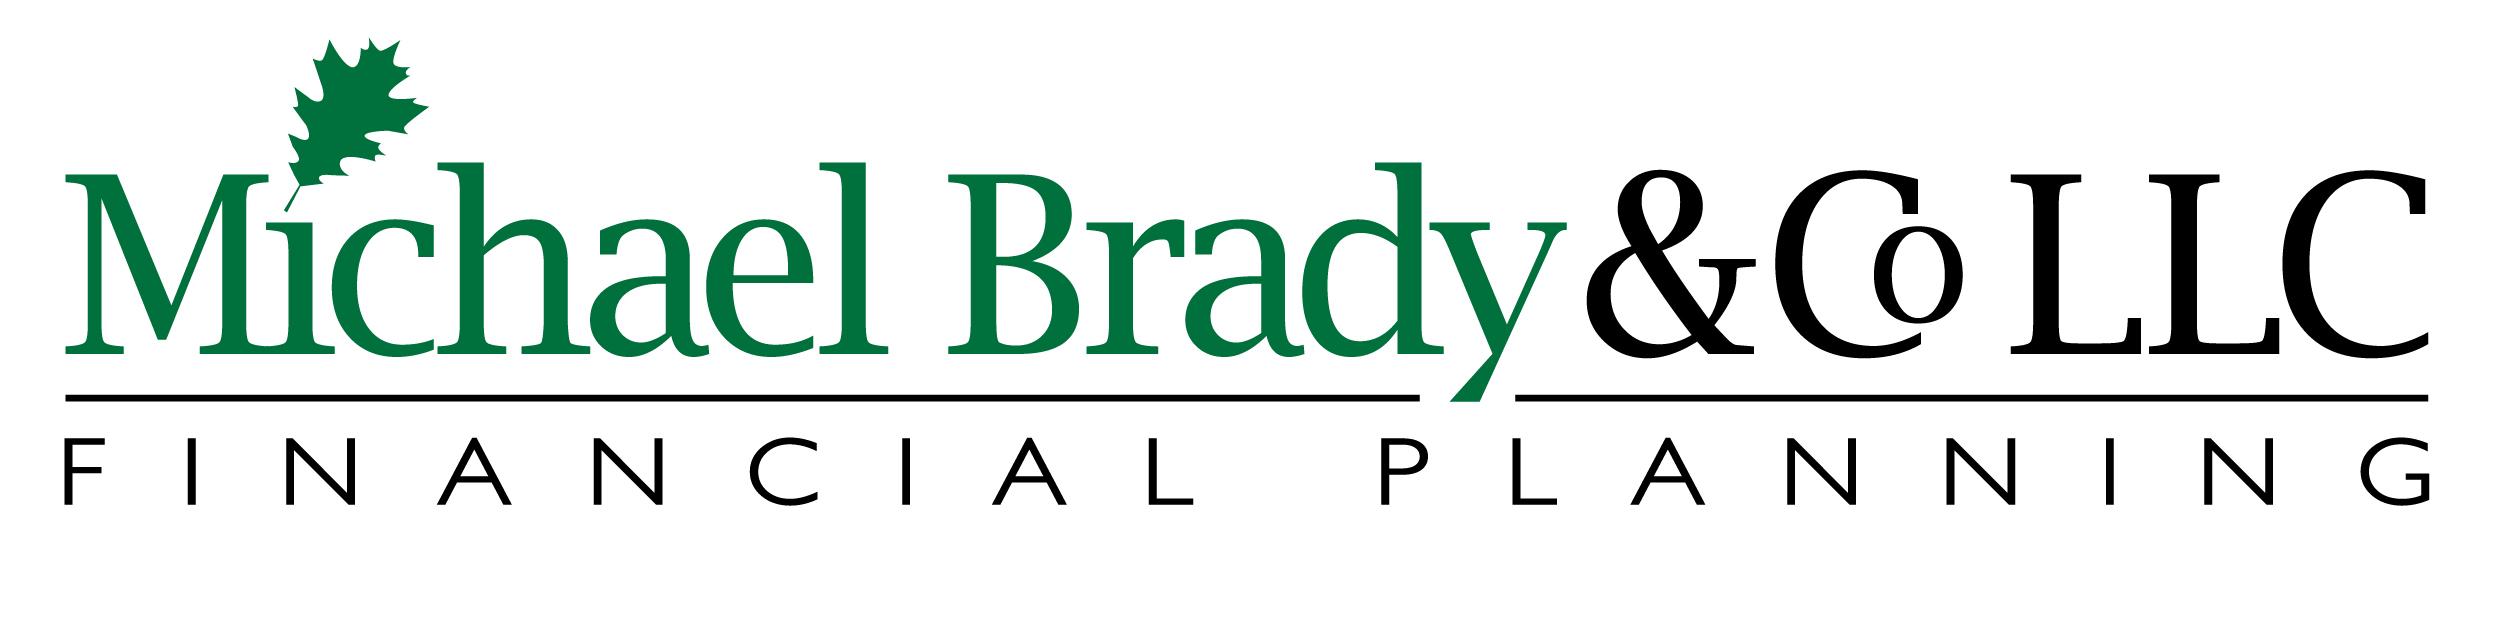 Michael Brady & Co.